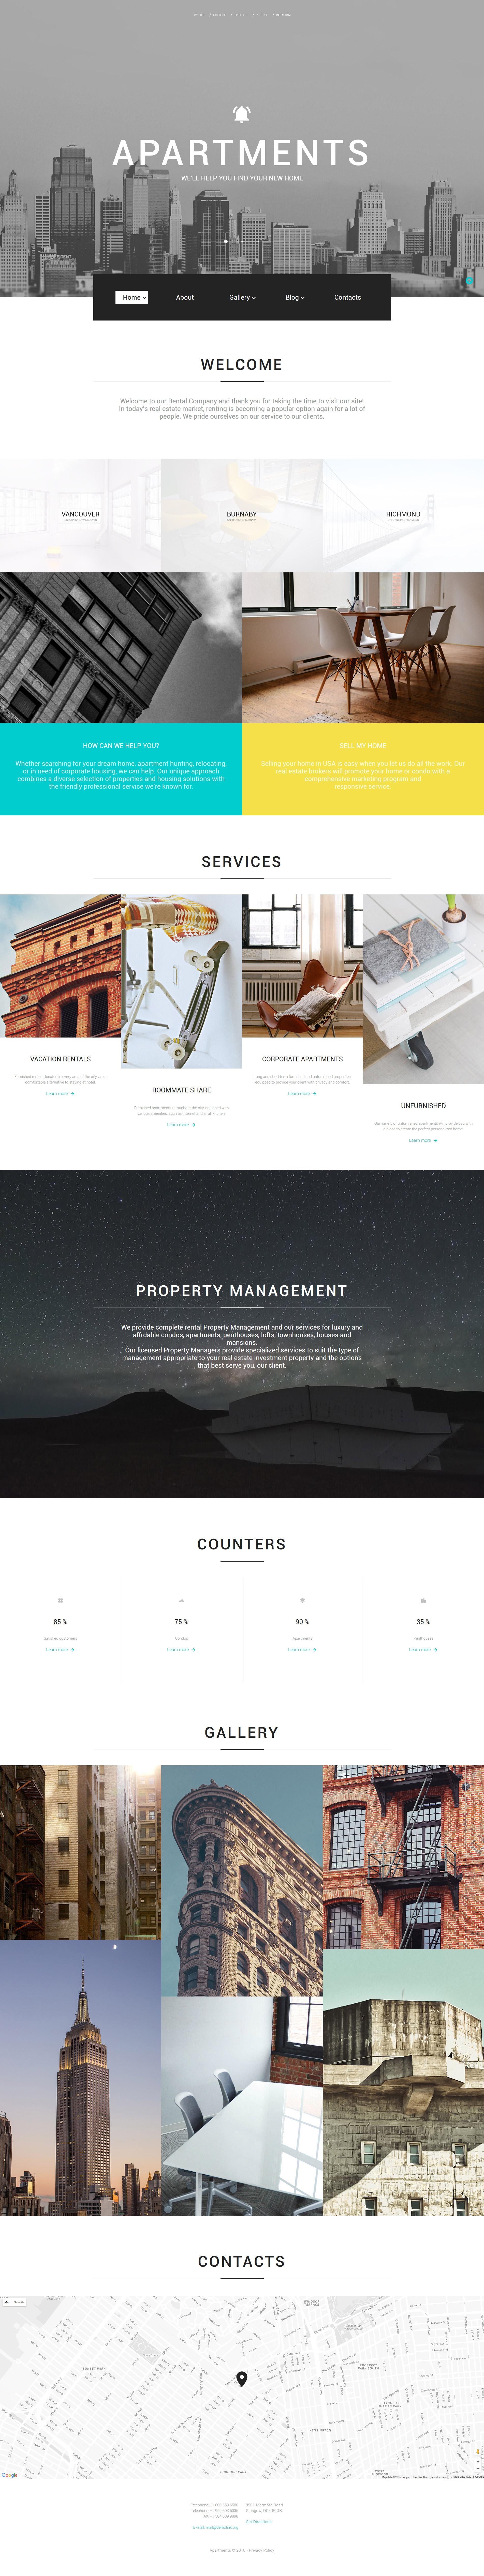 Responsywny szablon strony www Apartamenty #58726 - zrzut ekranu